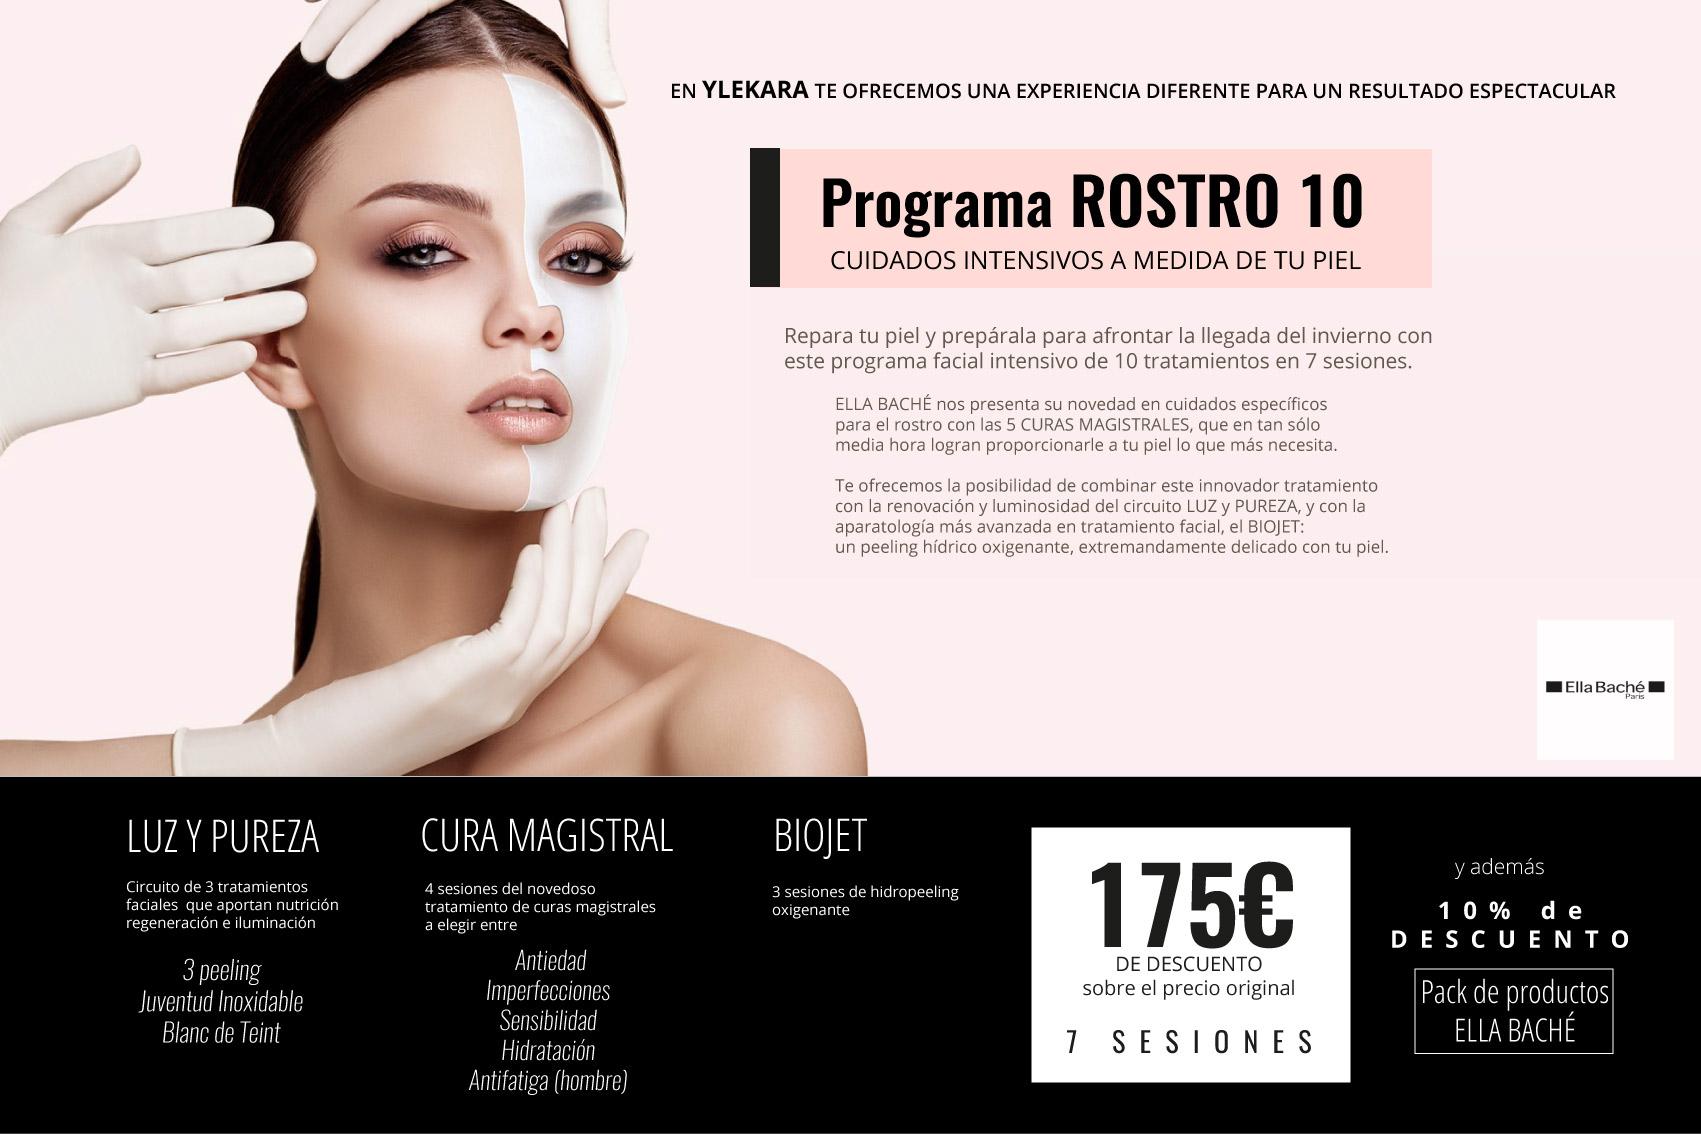 Promo-ROSTRO10-Facebook